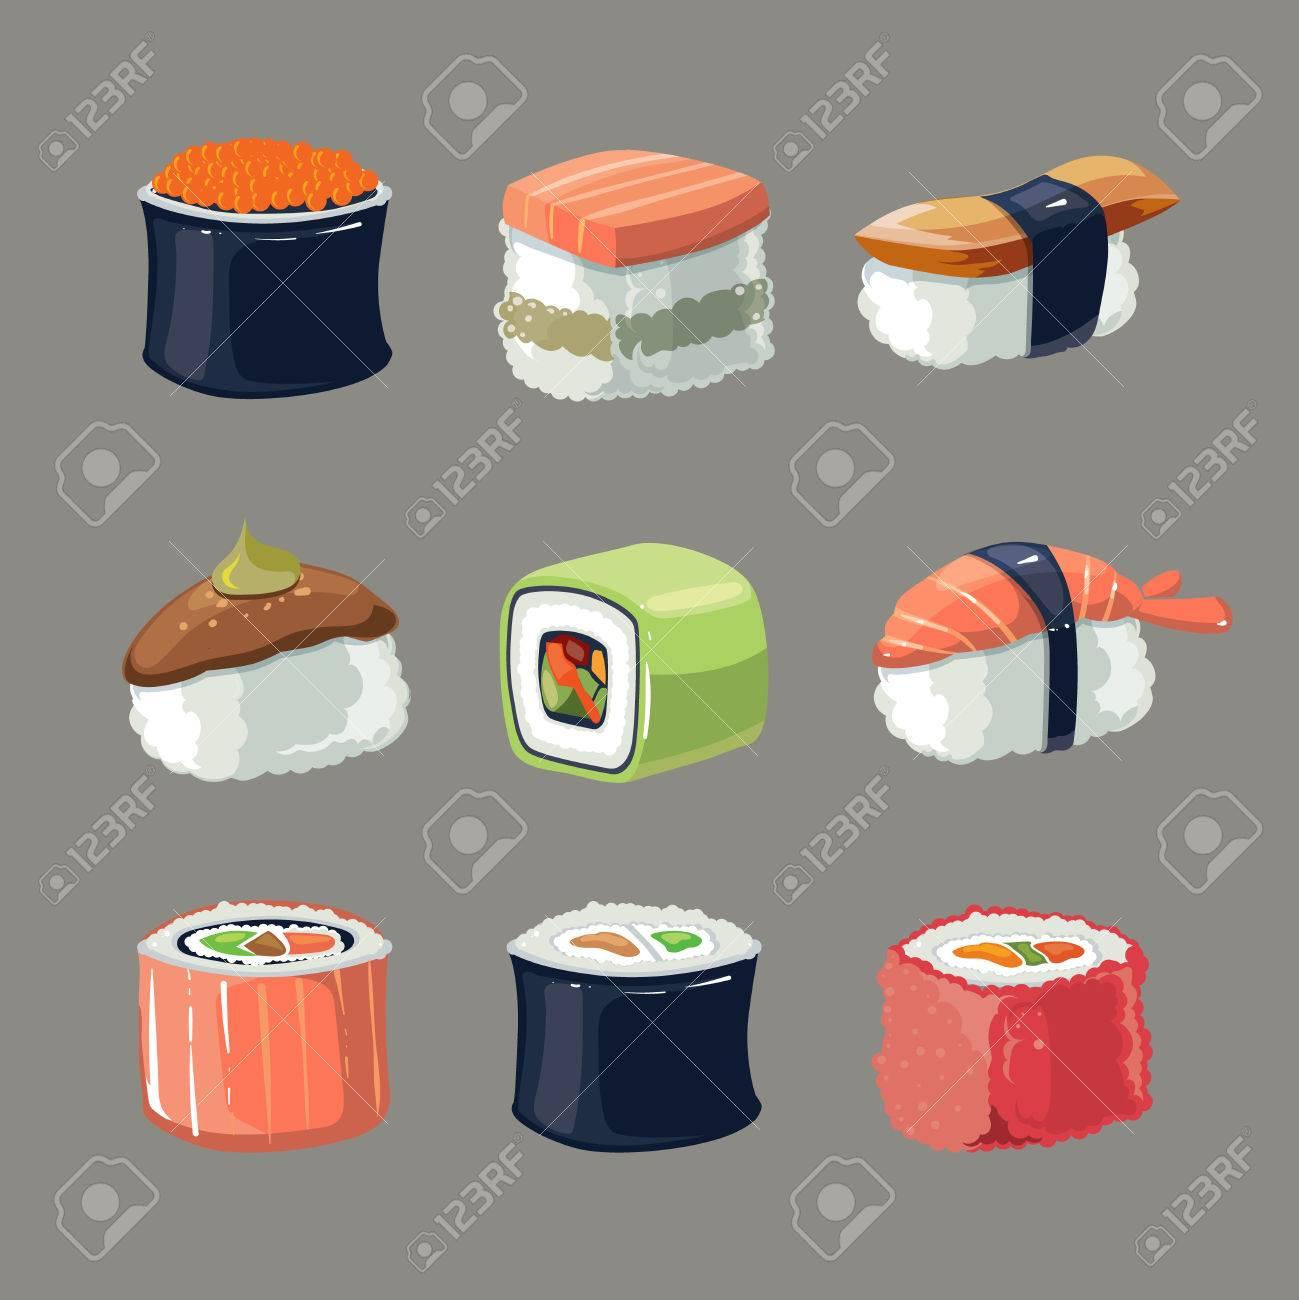 Vektor-Bild Set Von Sushi-Rollen Essen Und Japanische Meeresfrüchte ...